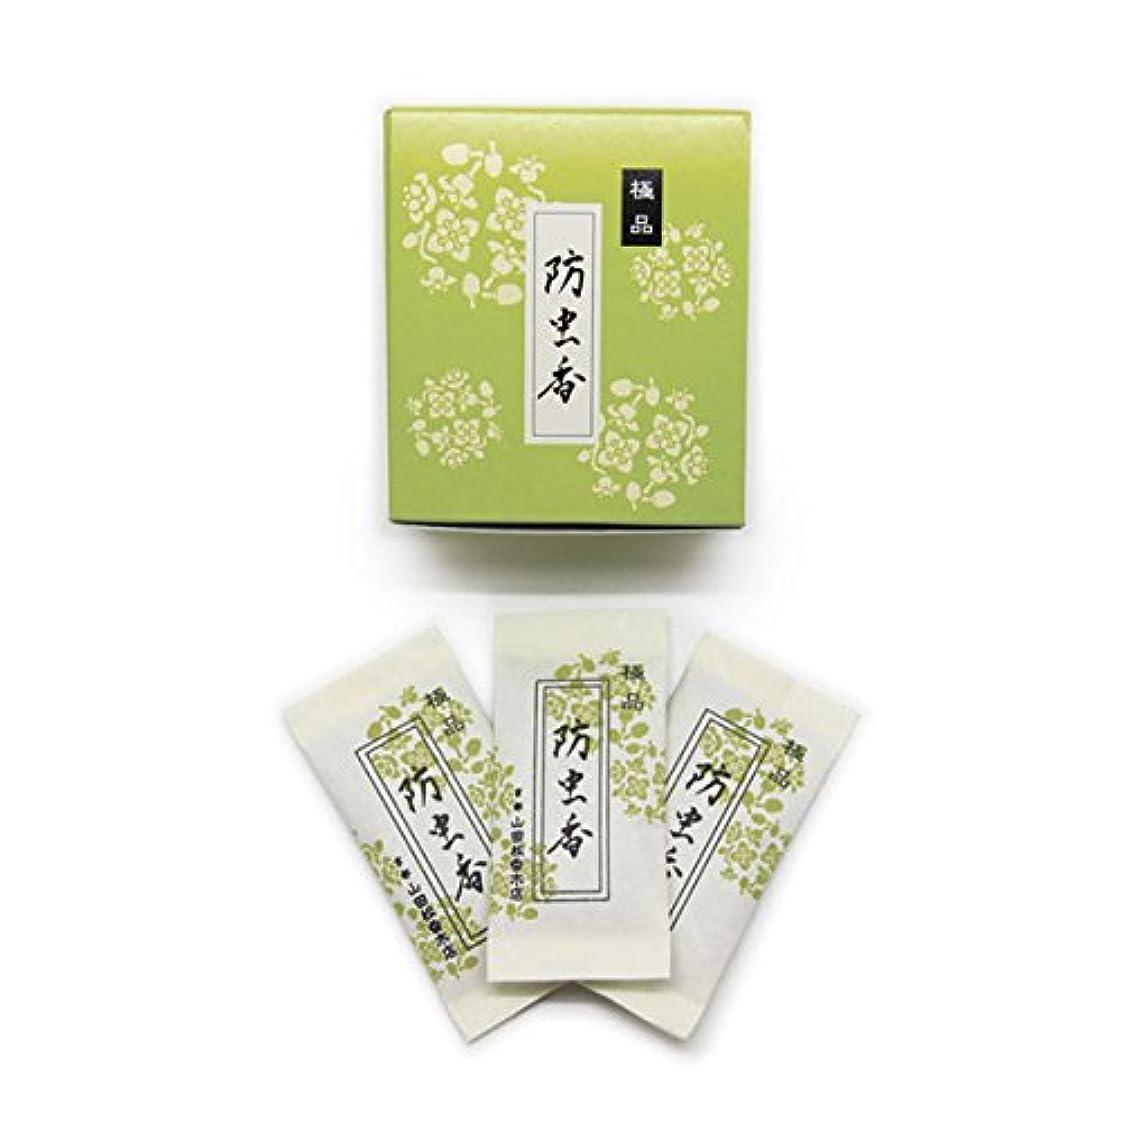 硫黄差別ビスケット防虫香 極品(10ヶ入)